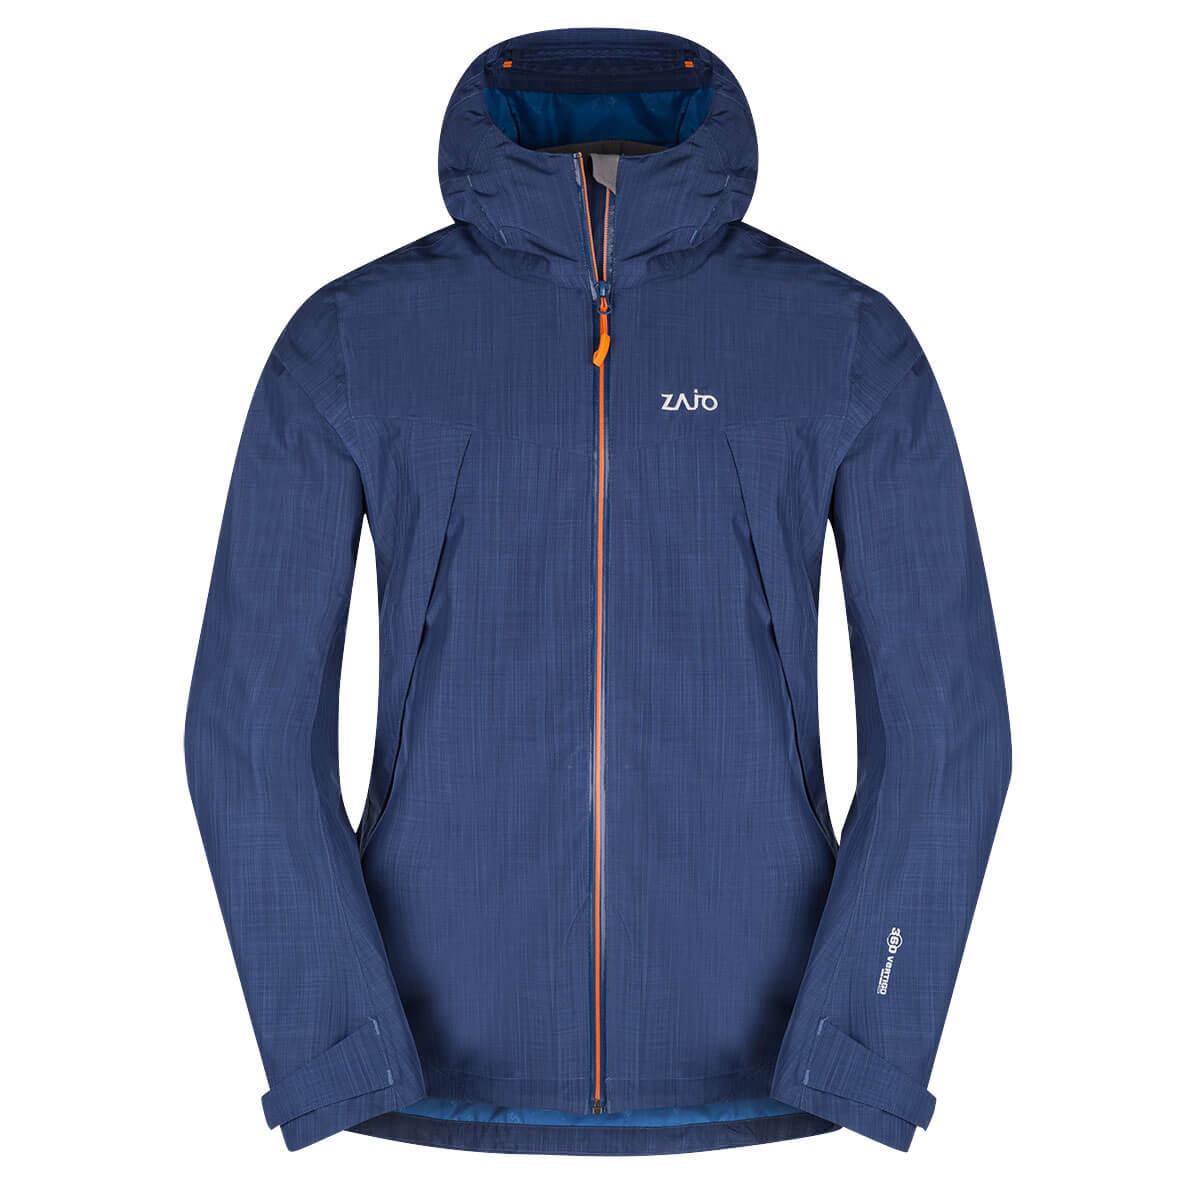 Pánska bunda Zajo Gasherbrum Neo JKT Estate Blue - veľkosť S